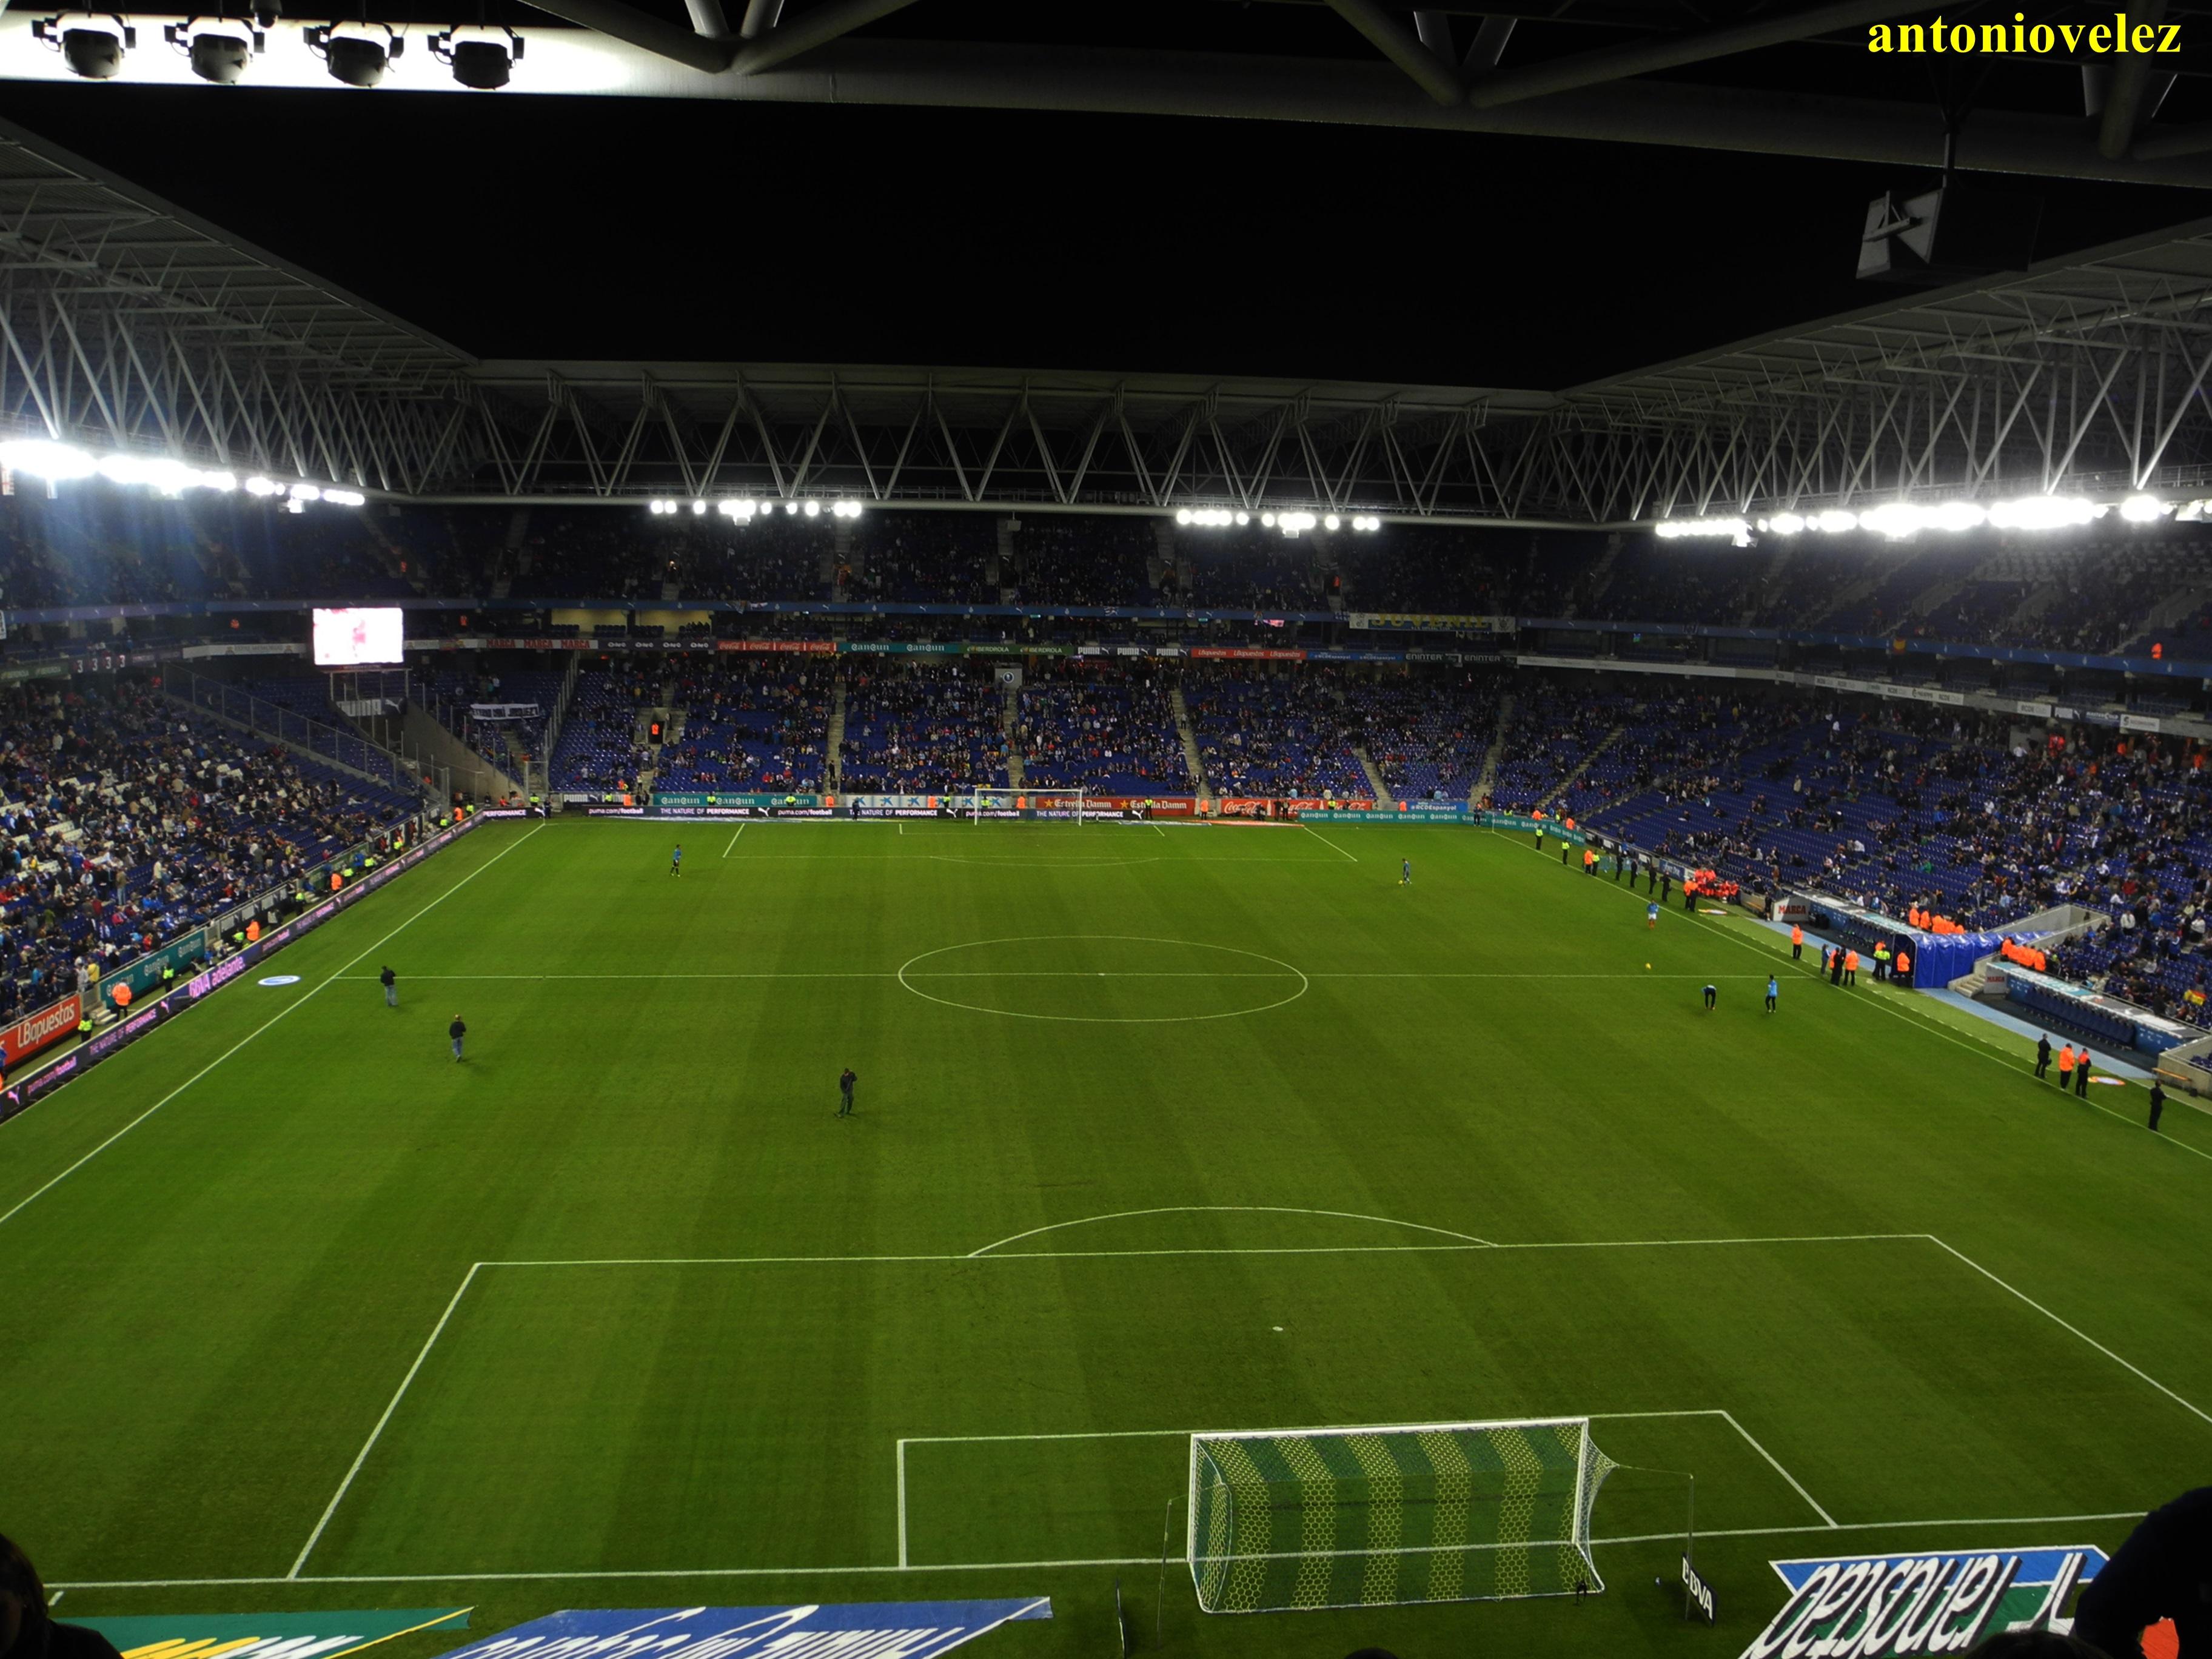 Campo de f tbol del rcd espa ol fotos de otras ciudades - Campo de futbol del valencia ...